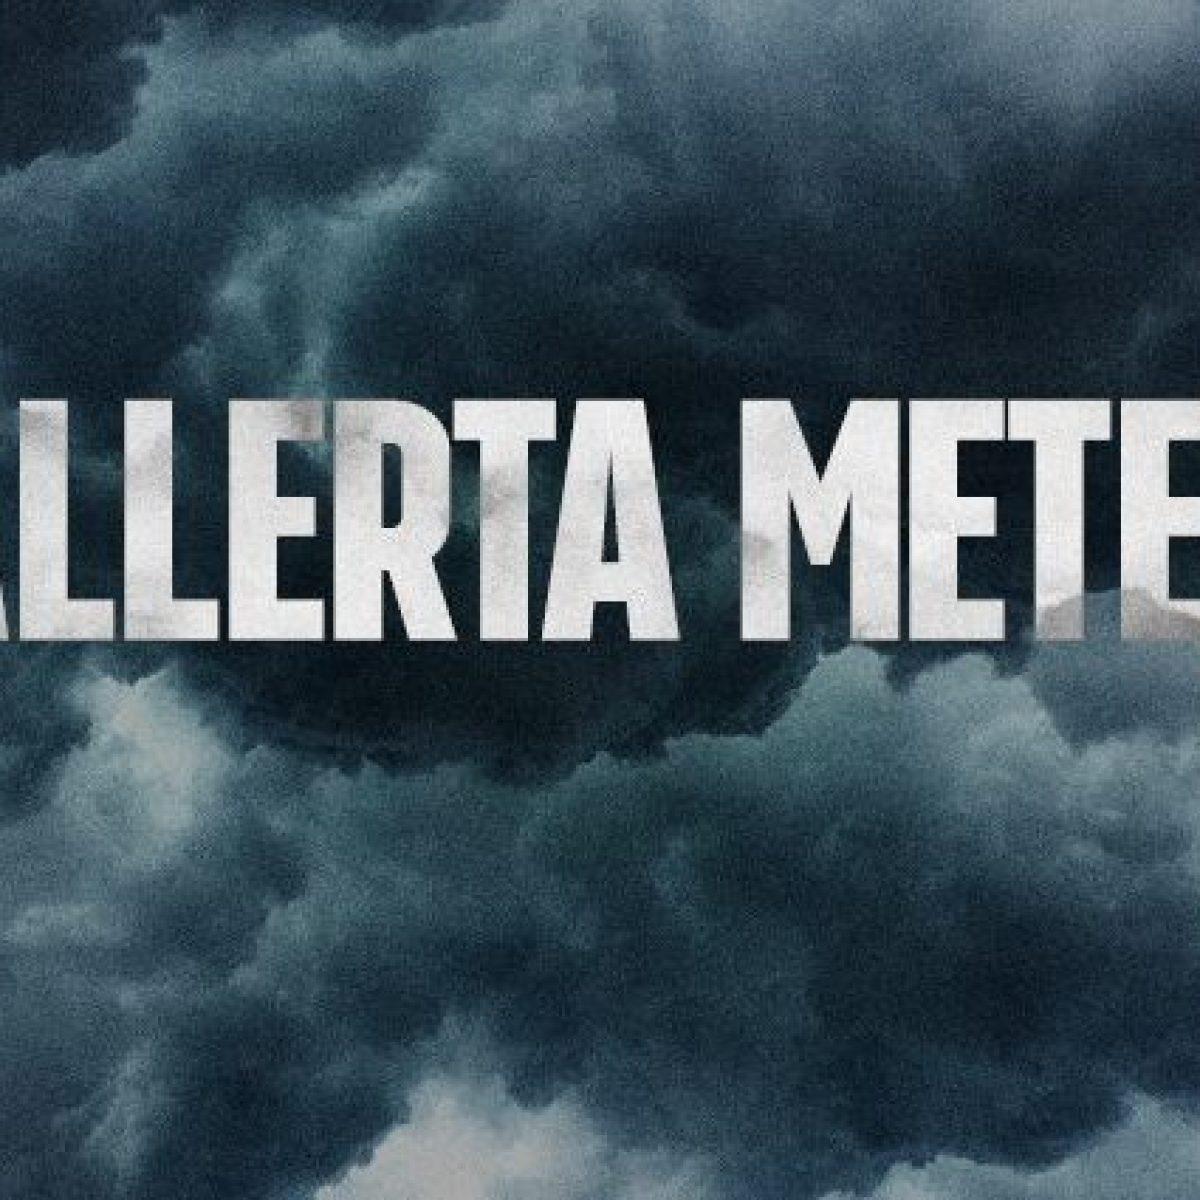 Maltempo Allerta Meteo Per Temporali E Vento Forte Domenica 7 Febbraio Le Regioni A Rischio